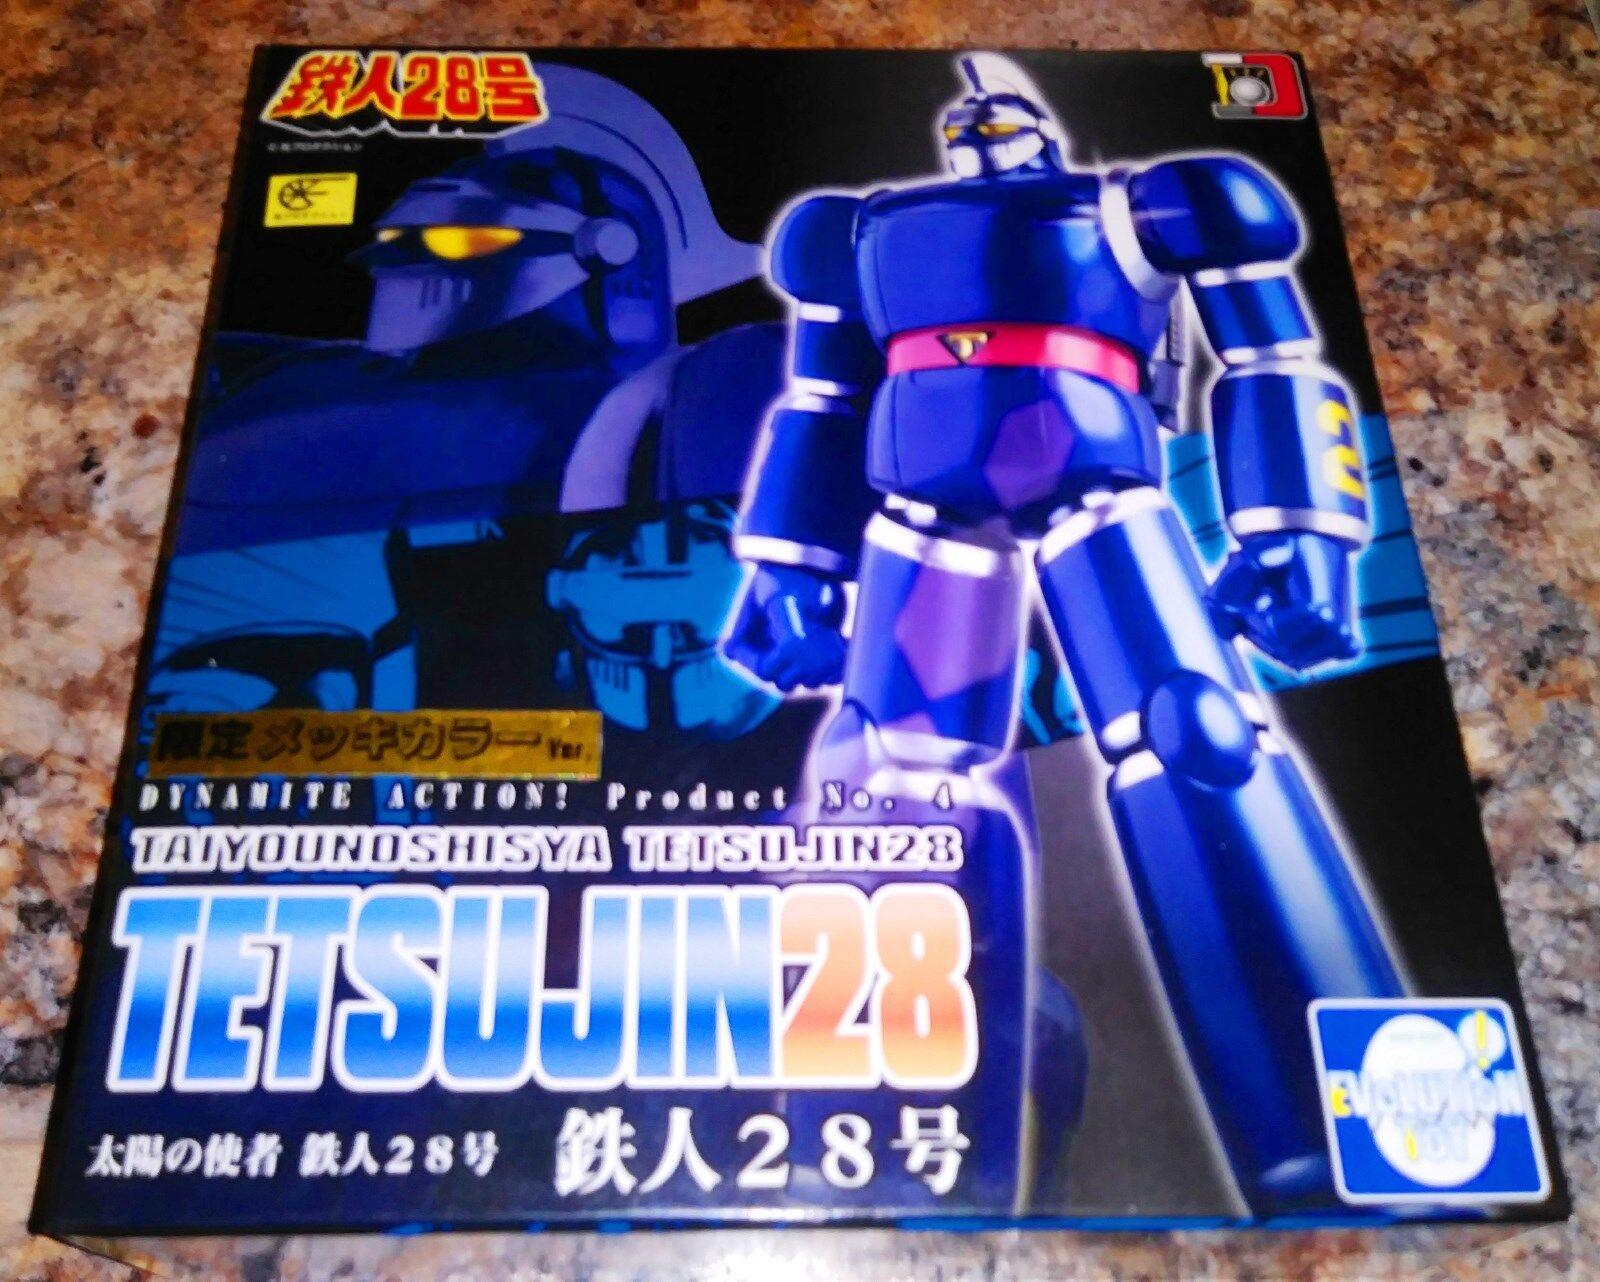 Dynamite Action   4.Taiyounoshisya TETSUJIN 28 limited color ver metallic.